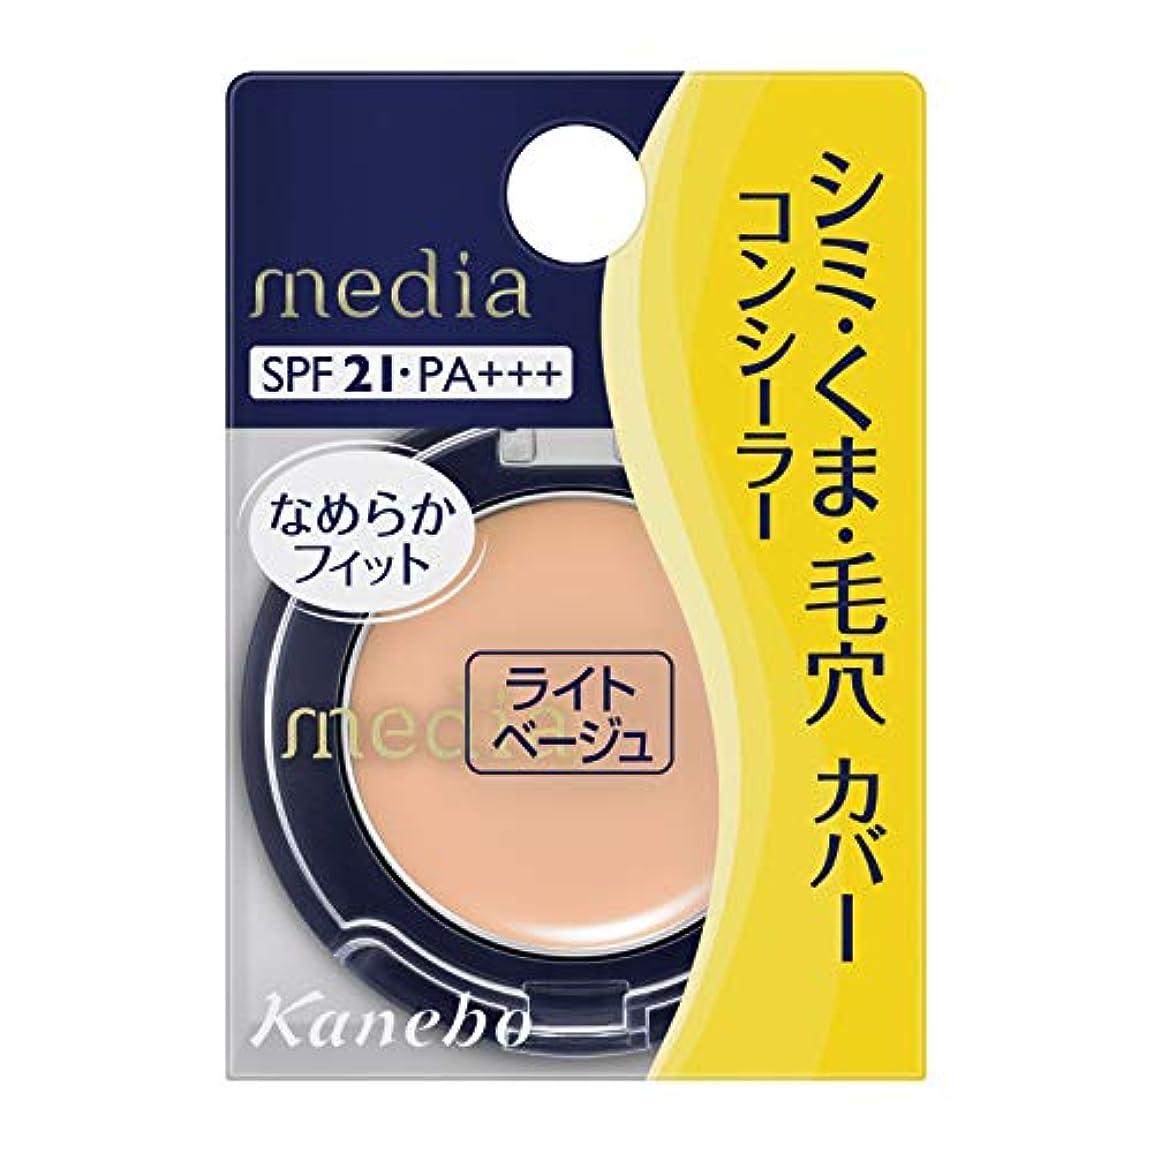 裁判所貢献する原点カネボウ化粧品 メディア コンシーラー S ライトベージュ 1.7g